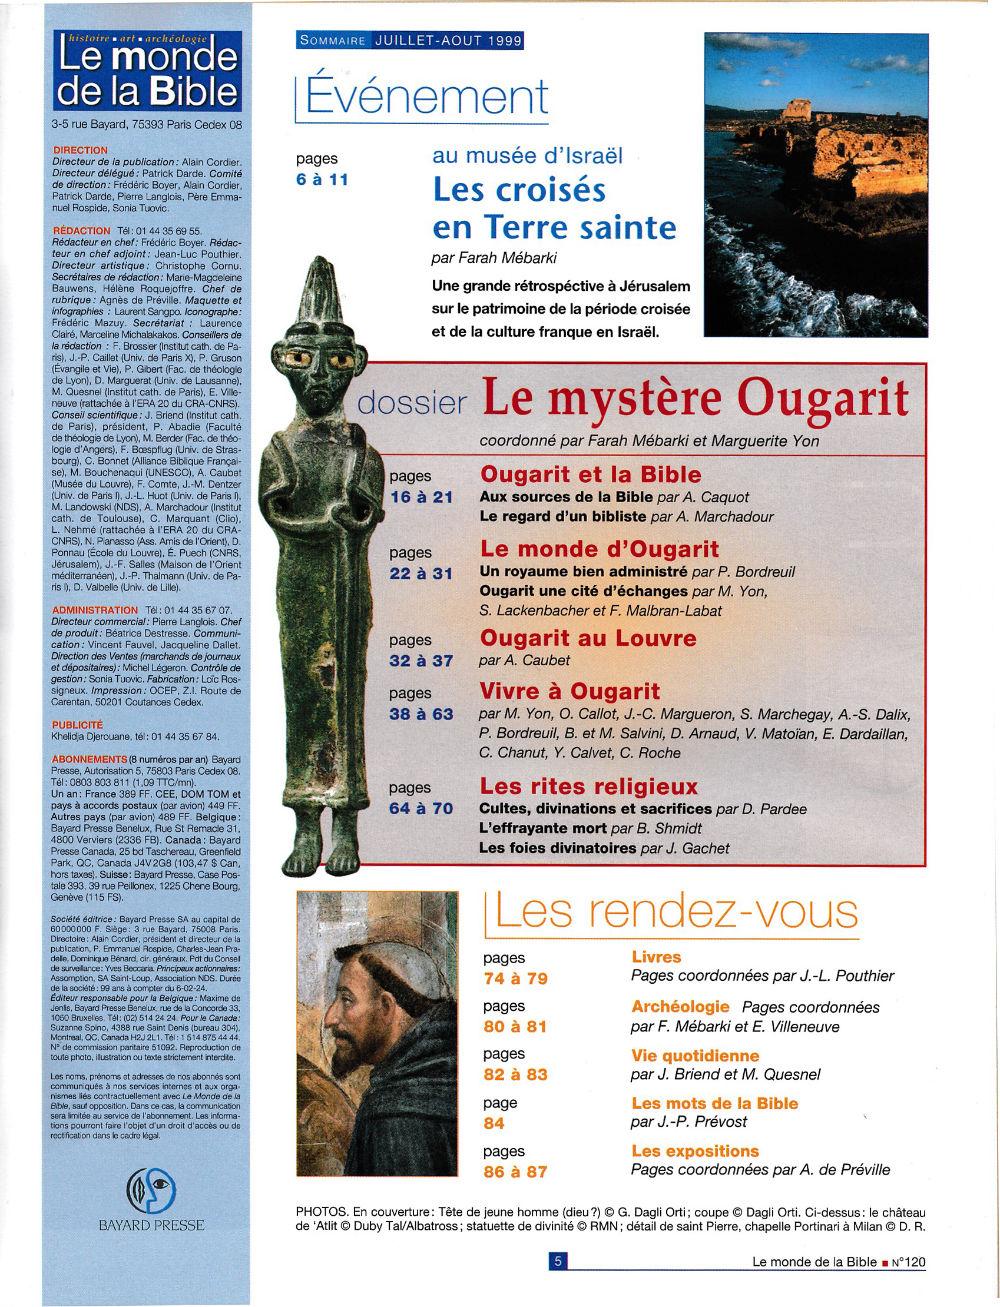 Le Monde de la Bible #120 (table des matières)